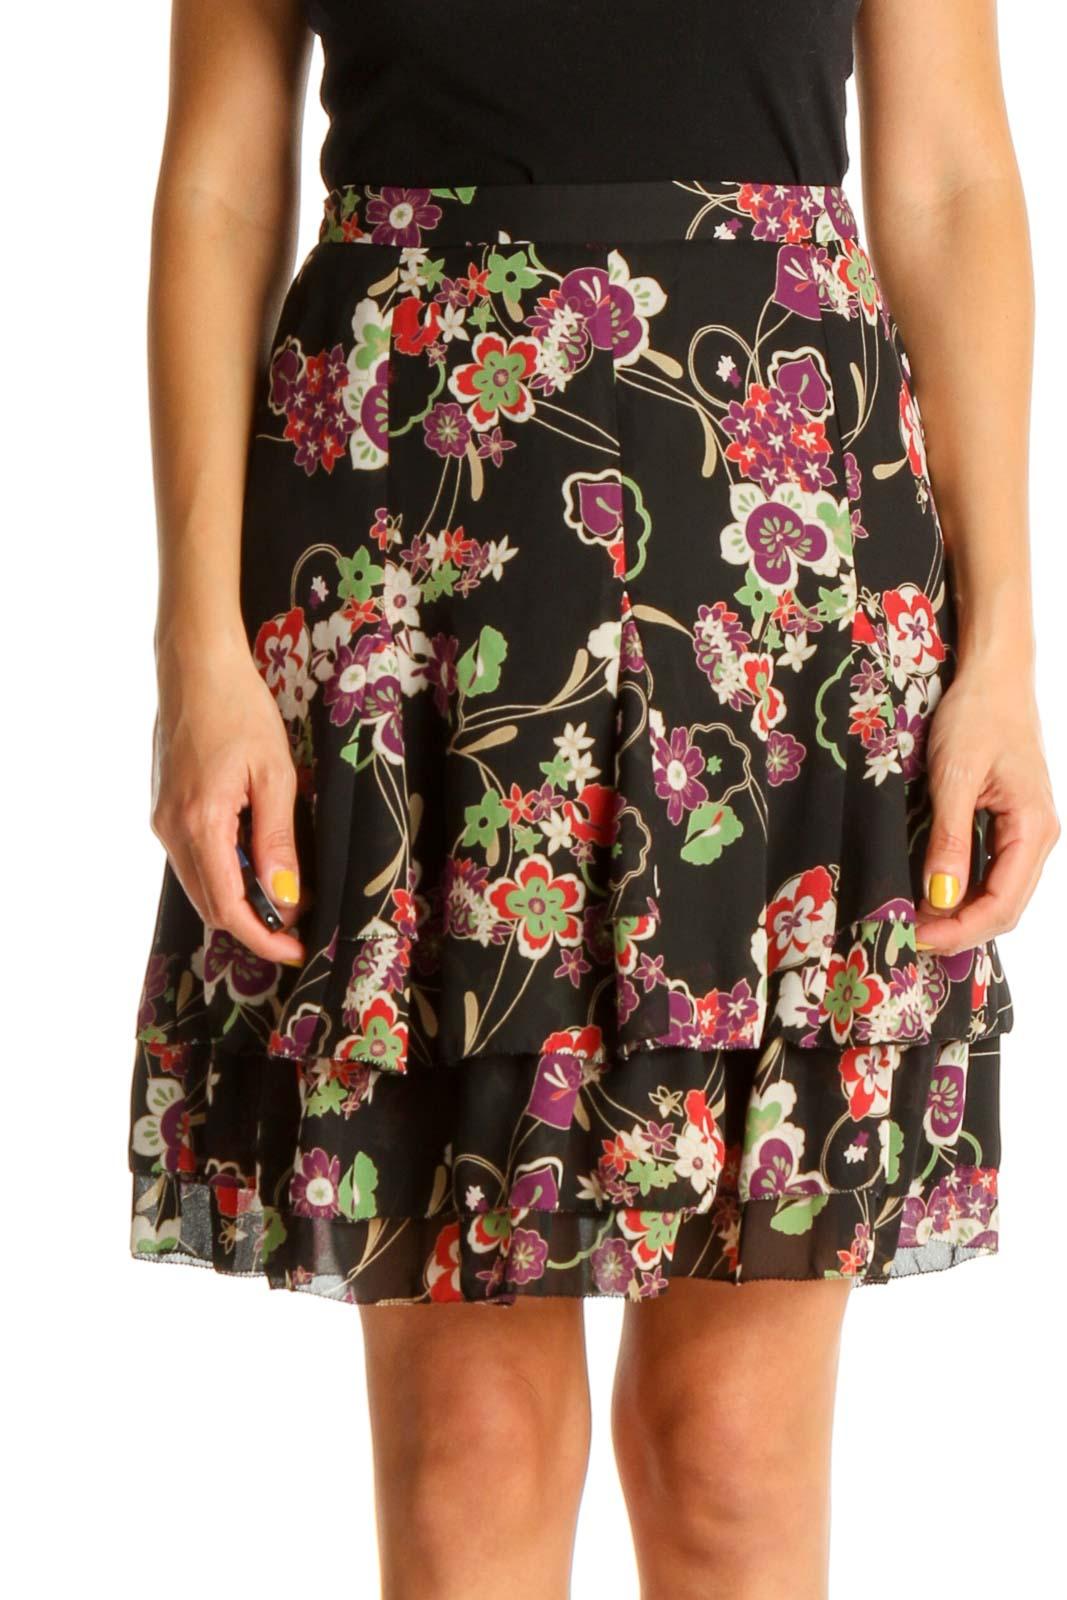 Black Floral Print Brunch A-Line Skirt Front